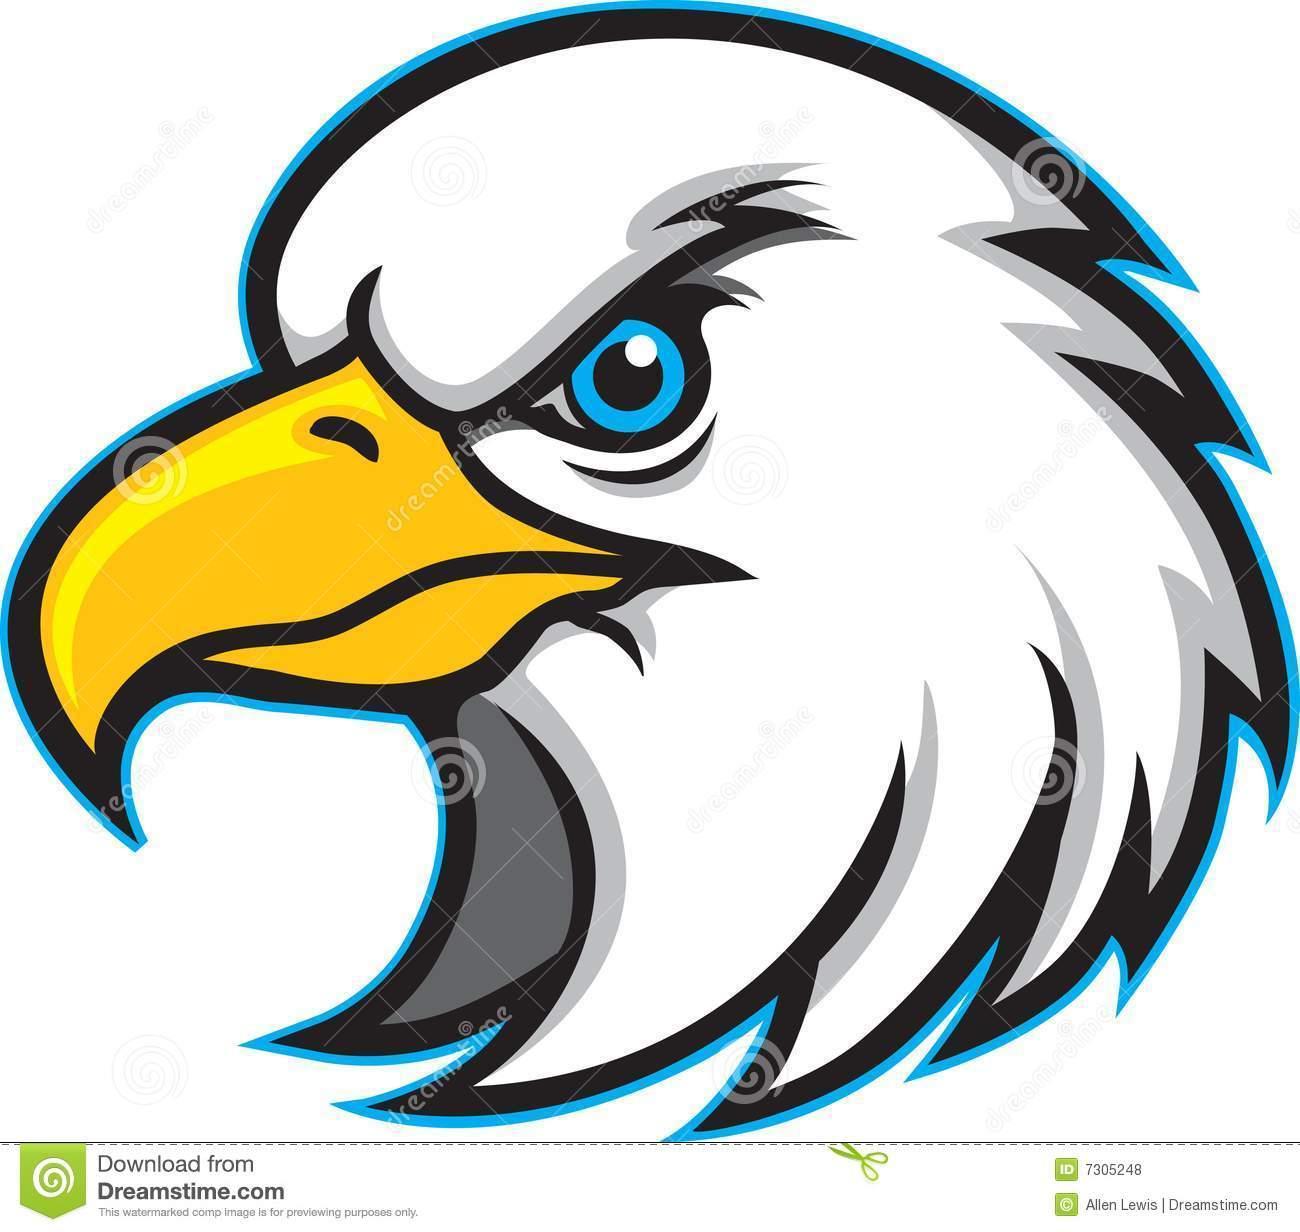 Free hawk mascot clipart 4 » Clipart Portal.